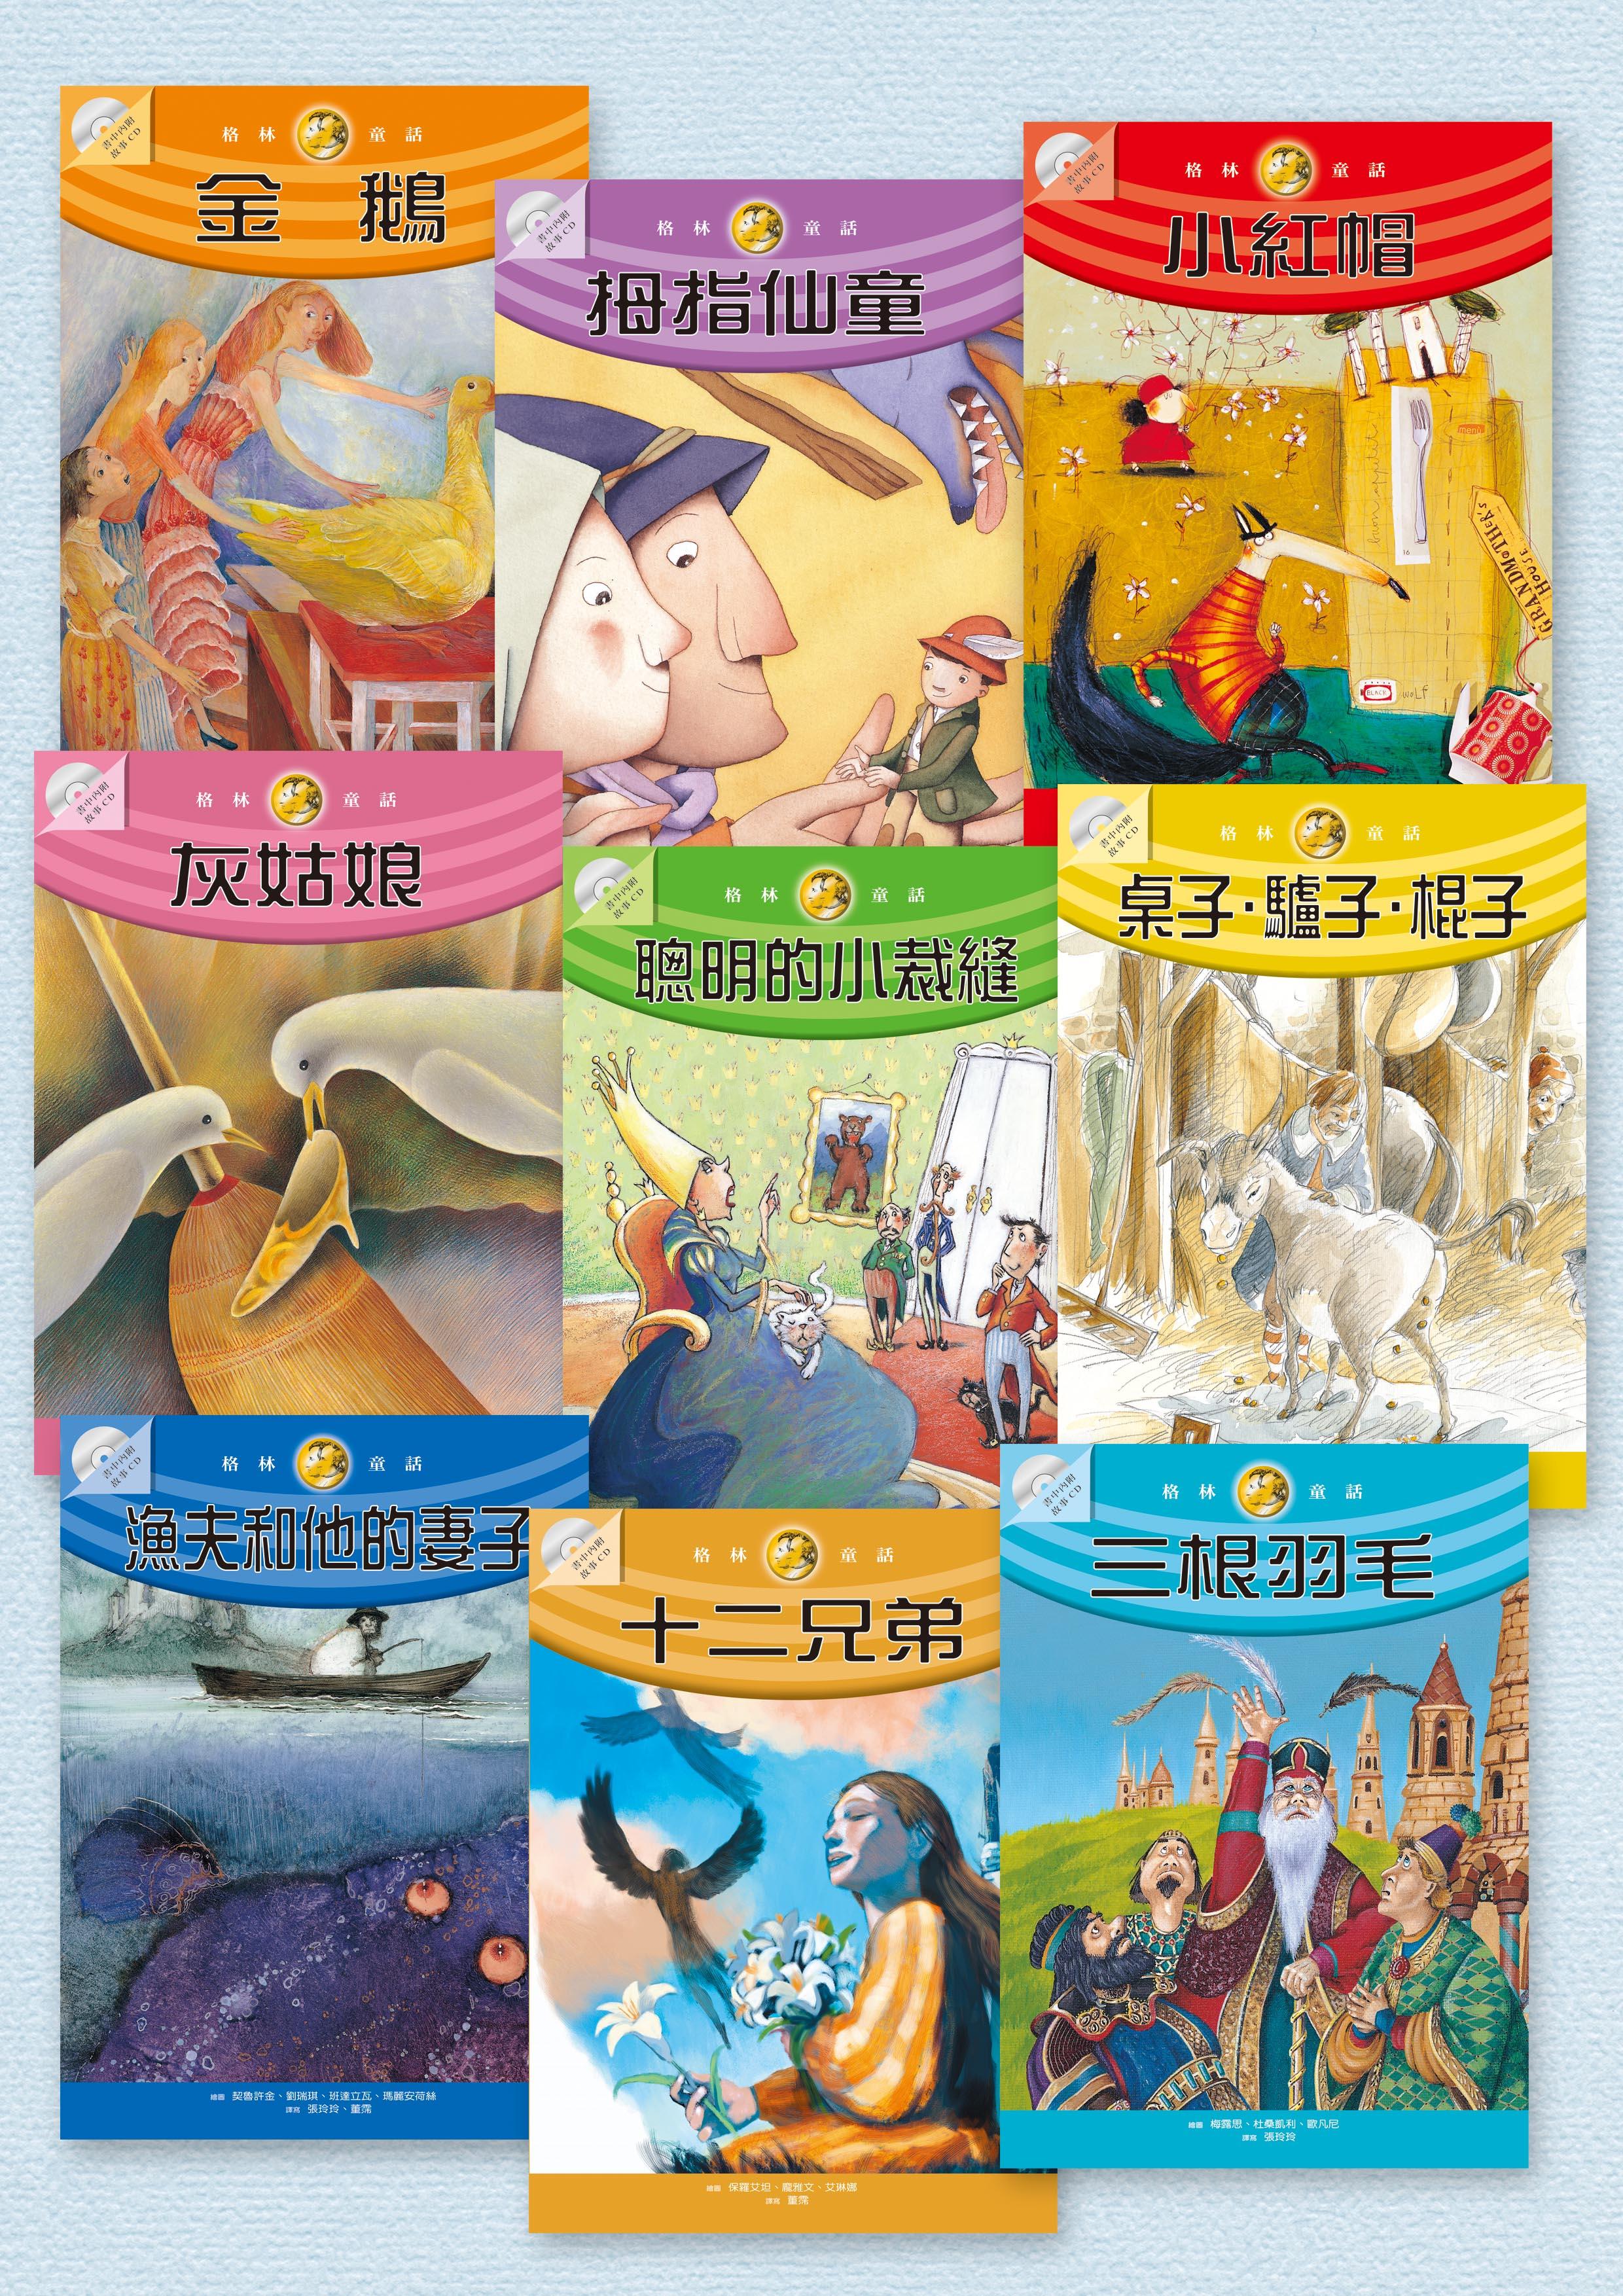 格林童話9本組套.jpg